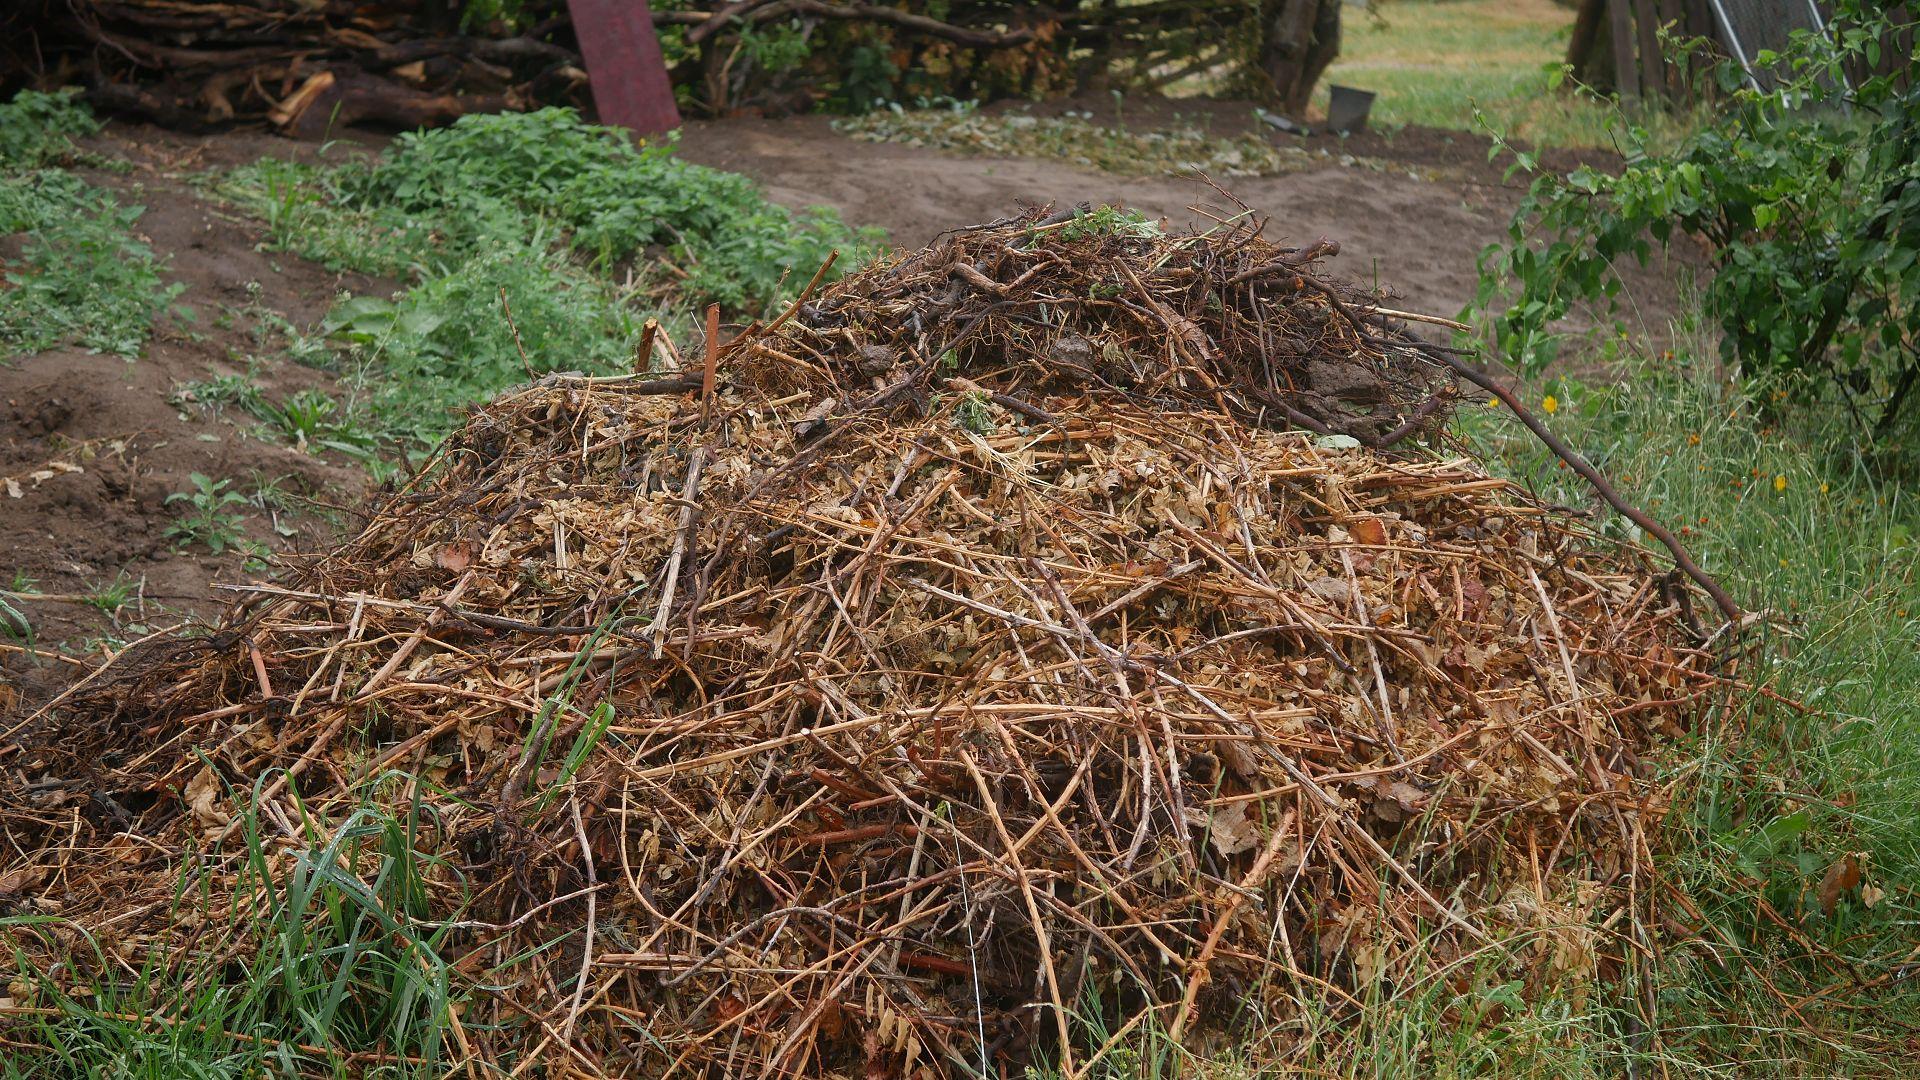 Brombeerpflanzen Brombeere entfernen invasive Brombeeren Brombeer Wurzeln Brombeeren im Garten Brombeer Fähigkeiten Brombeer Faszination Brombeer Eigenschaften Brombeeren verwildert